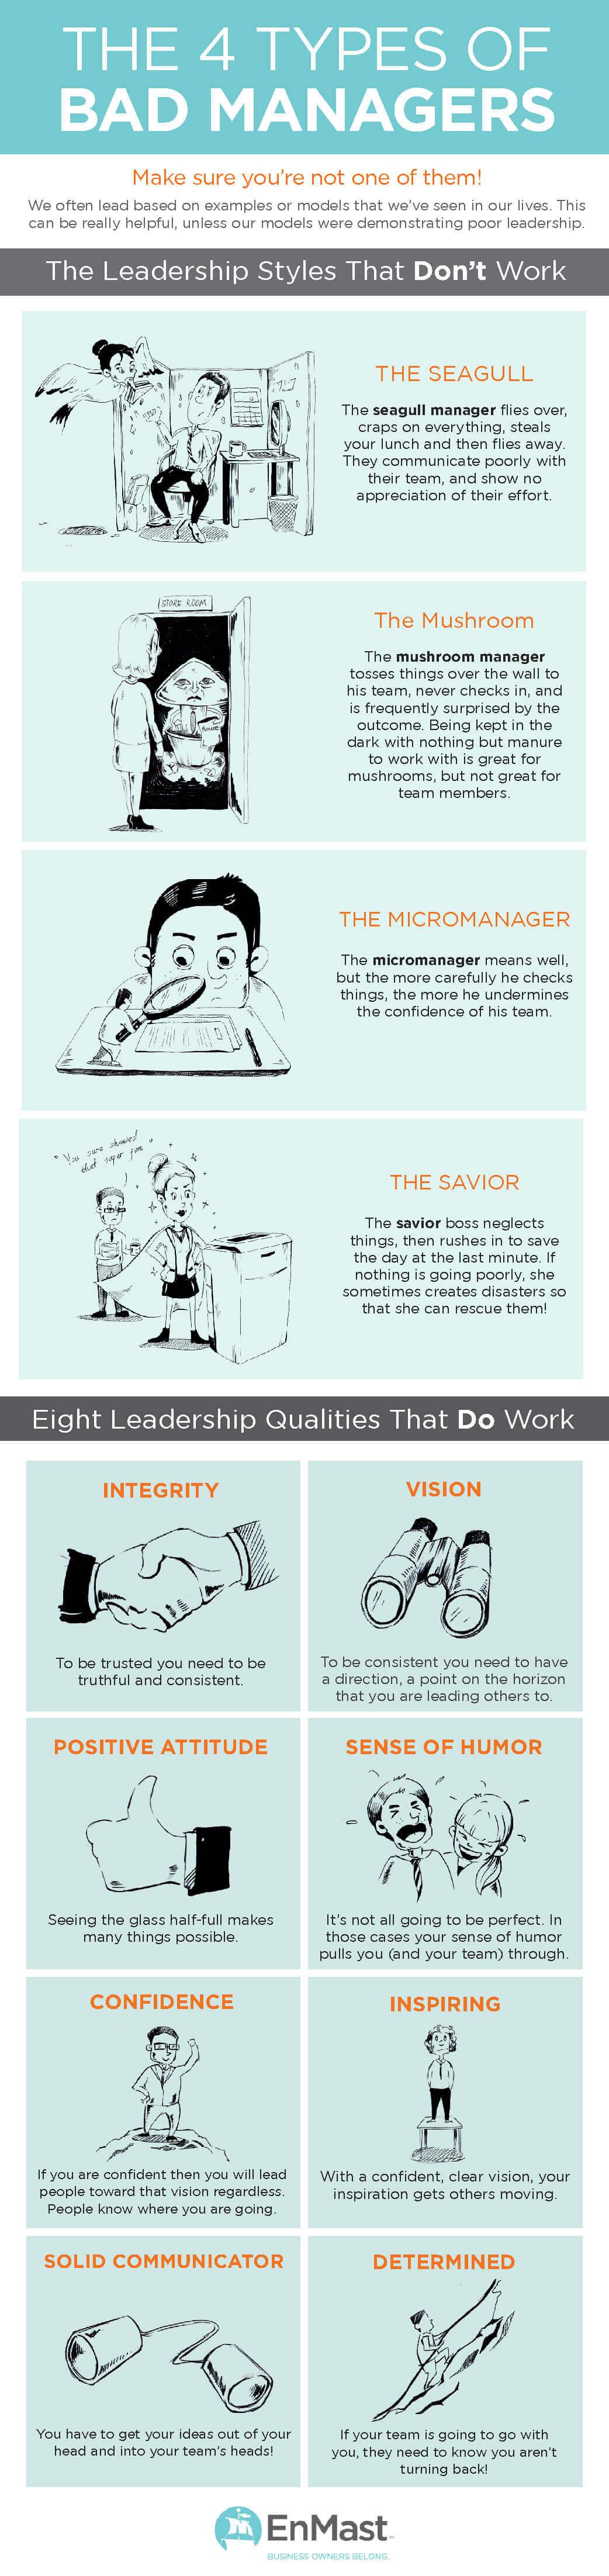 Führungskräfte, Kompetenzen, Qualitäten